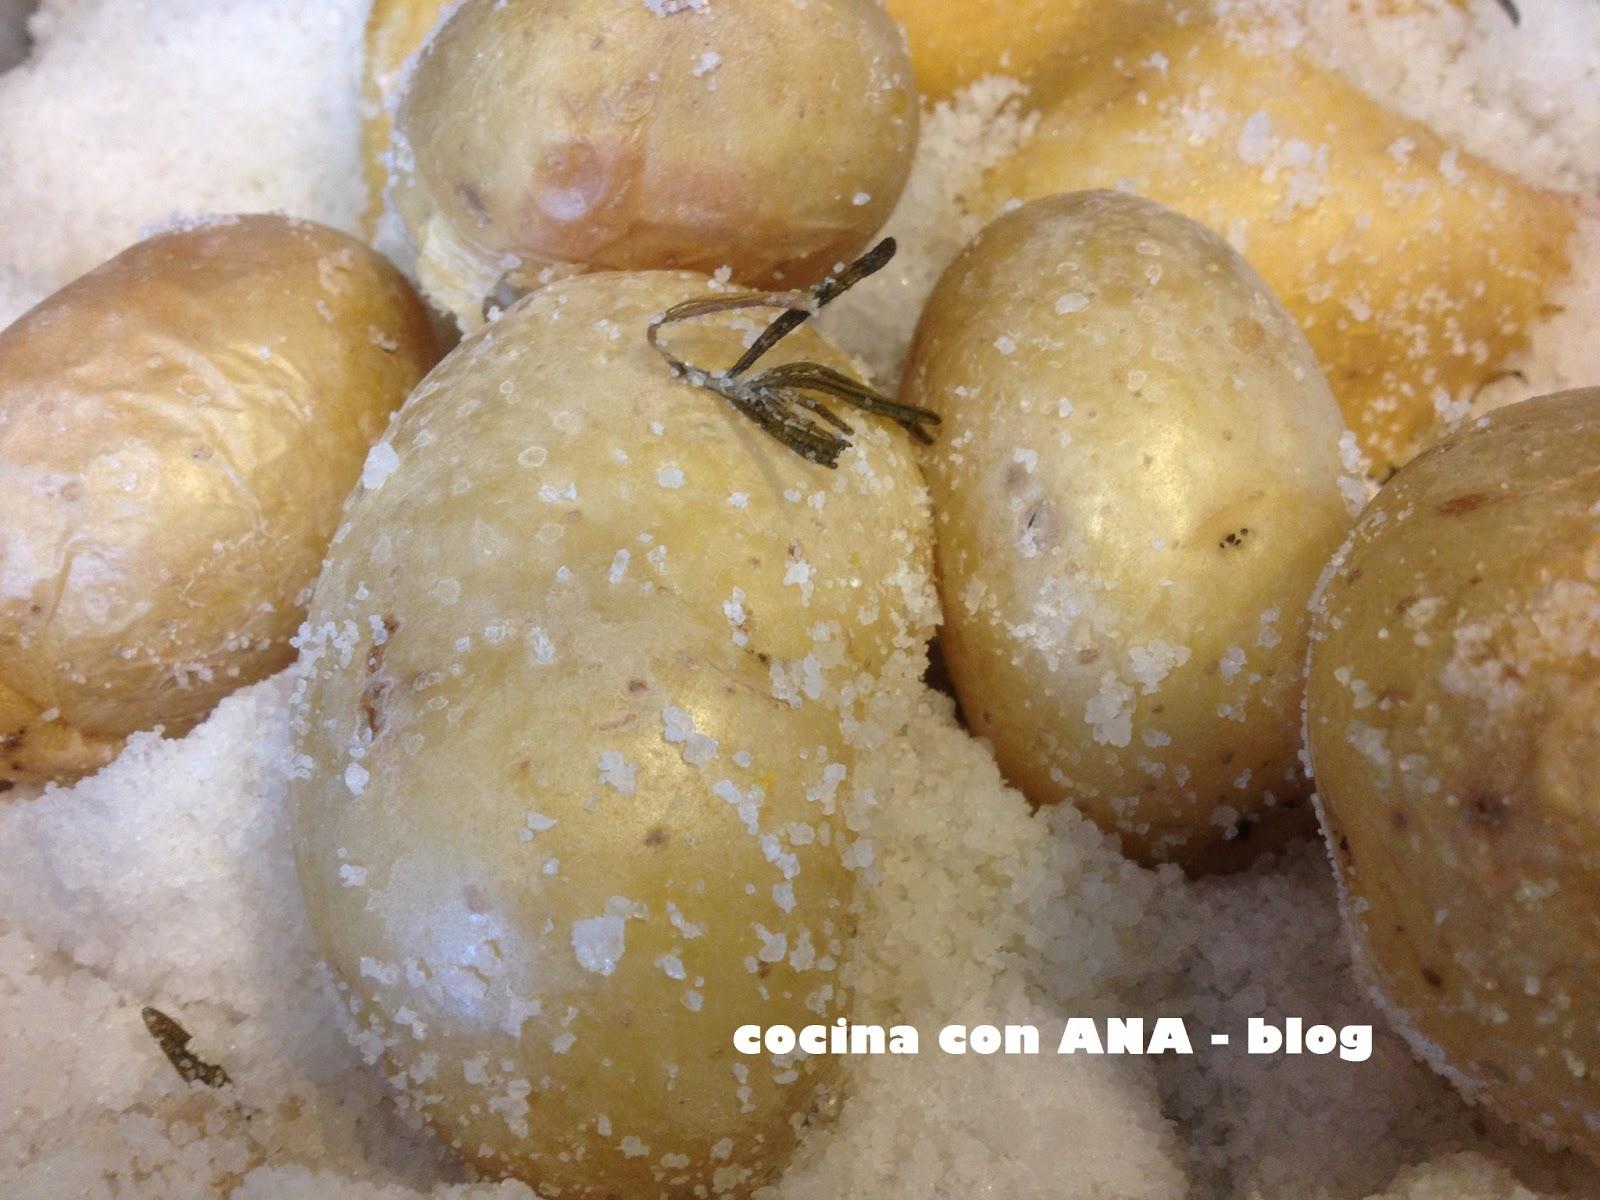 Cocina con ana patatas asadas a la sal - Ana cocina facil ...